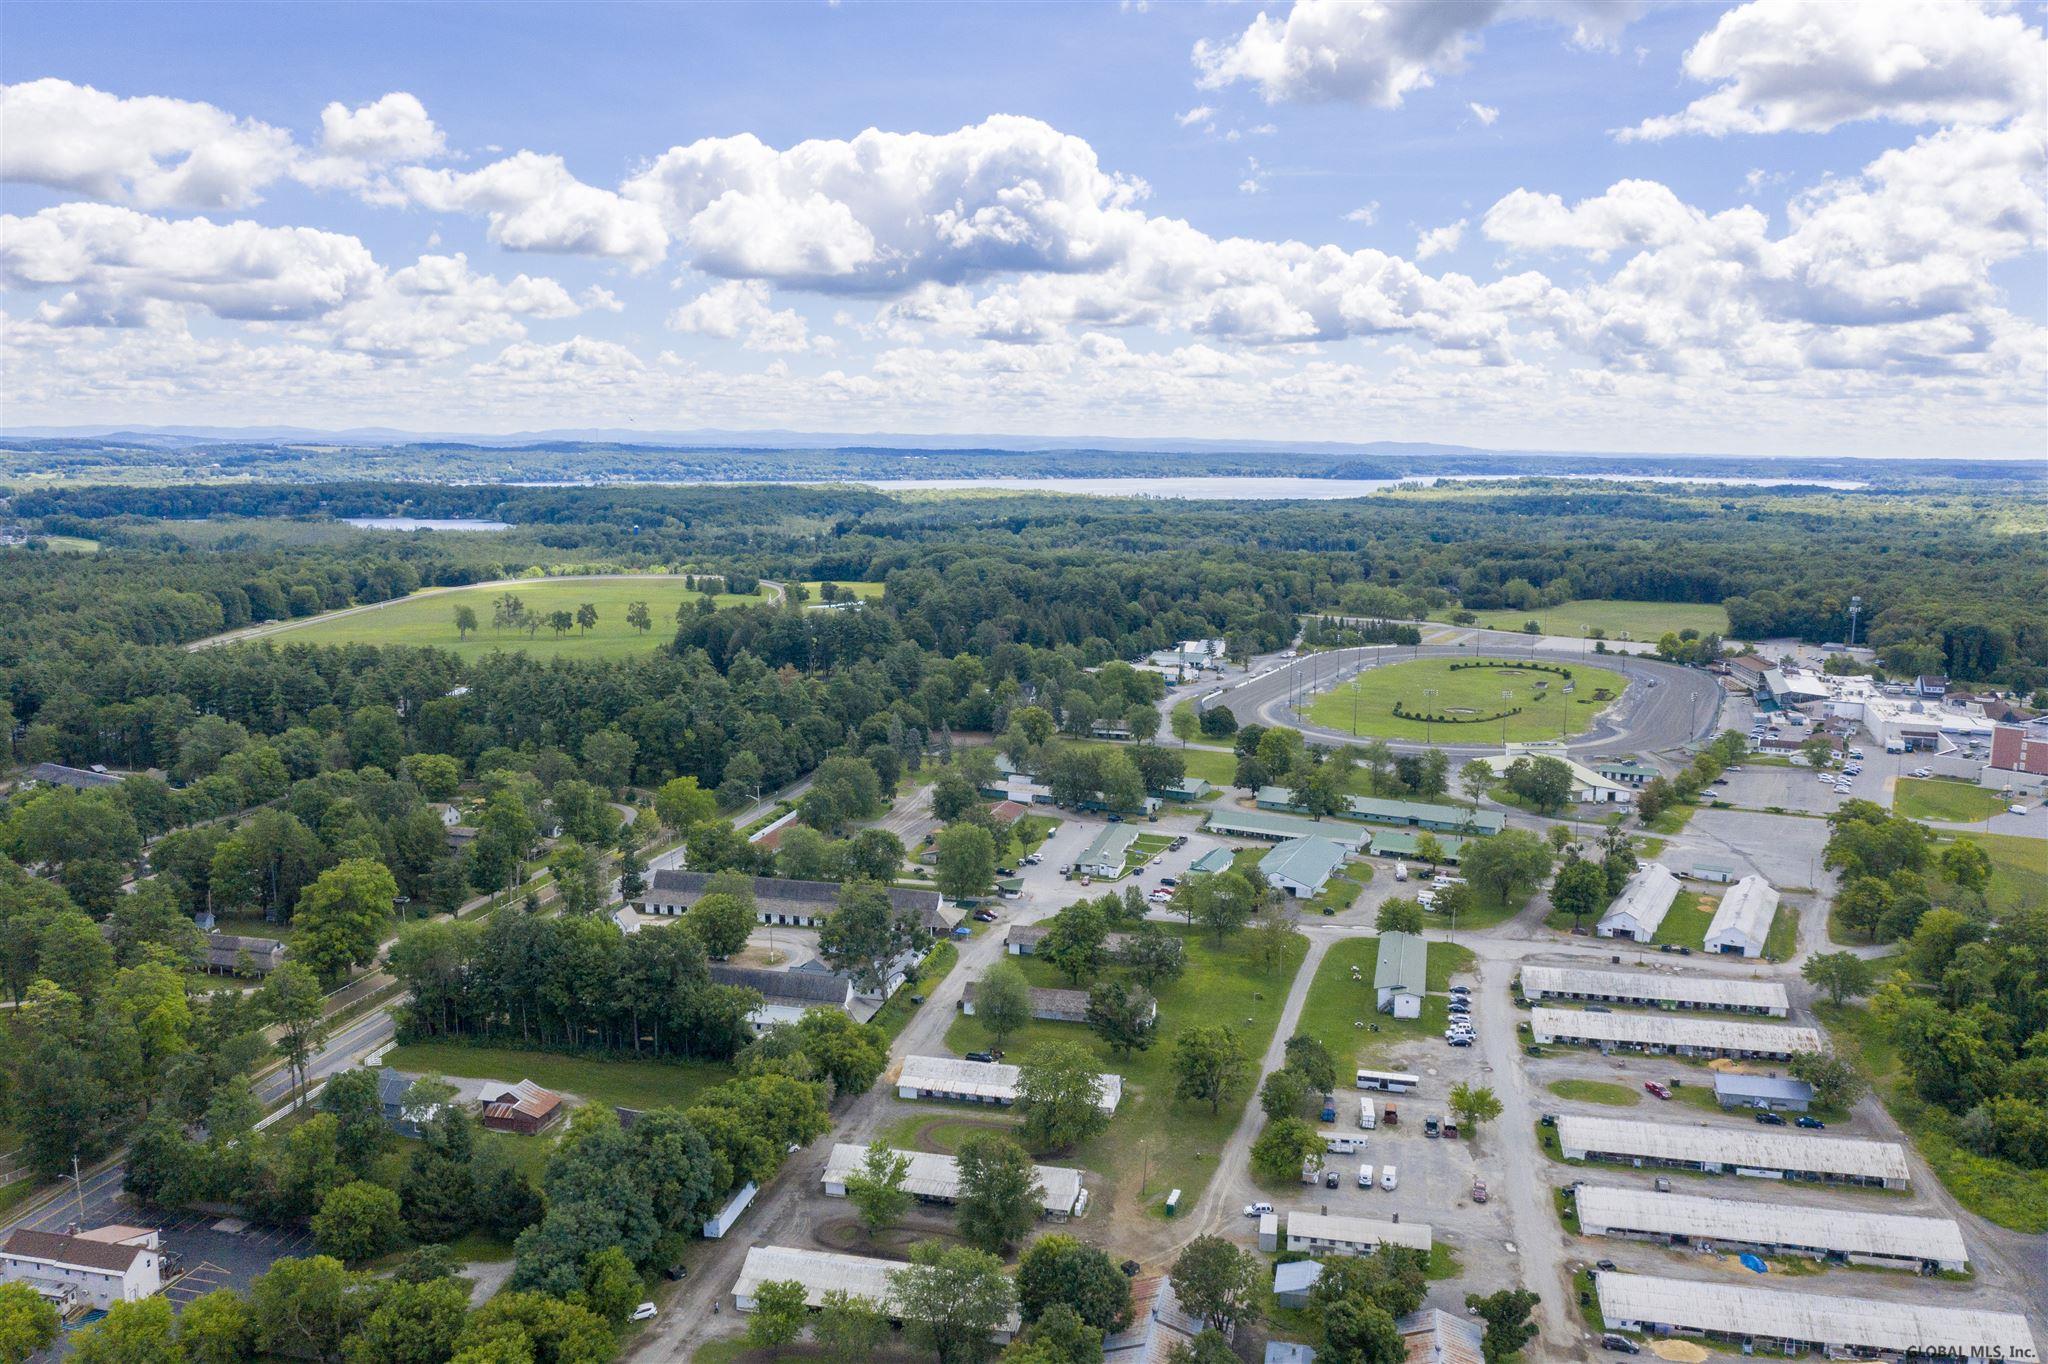 Saratoga S image 43